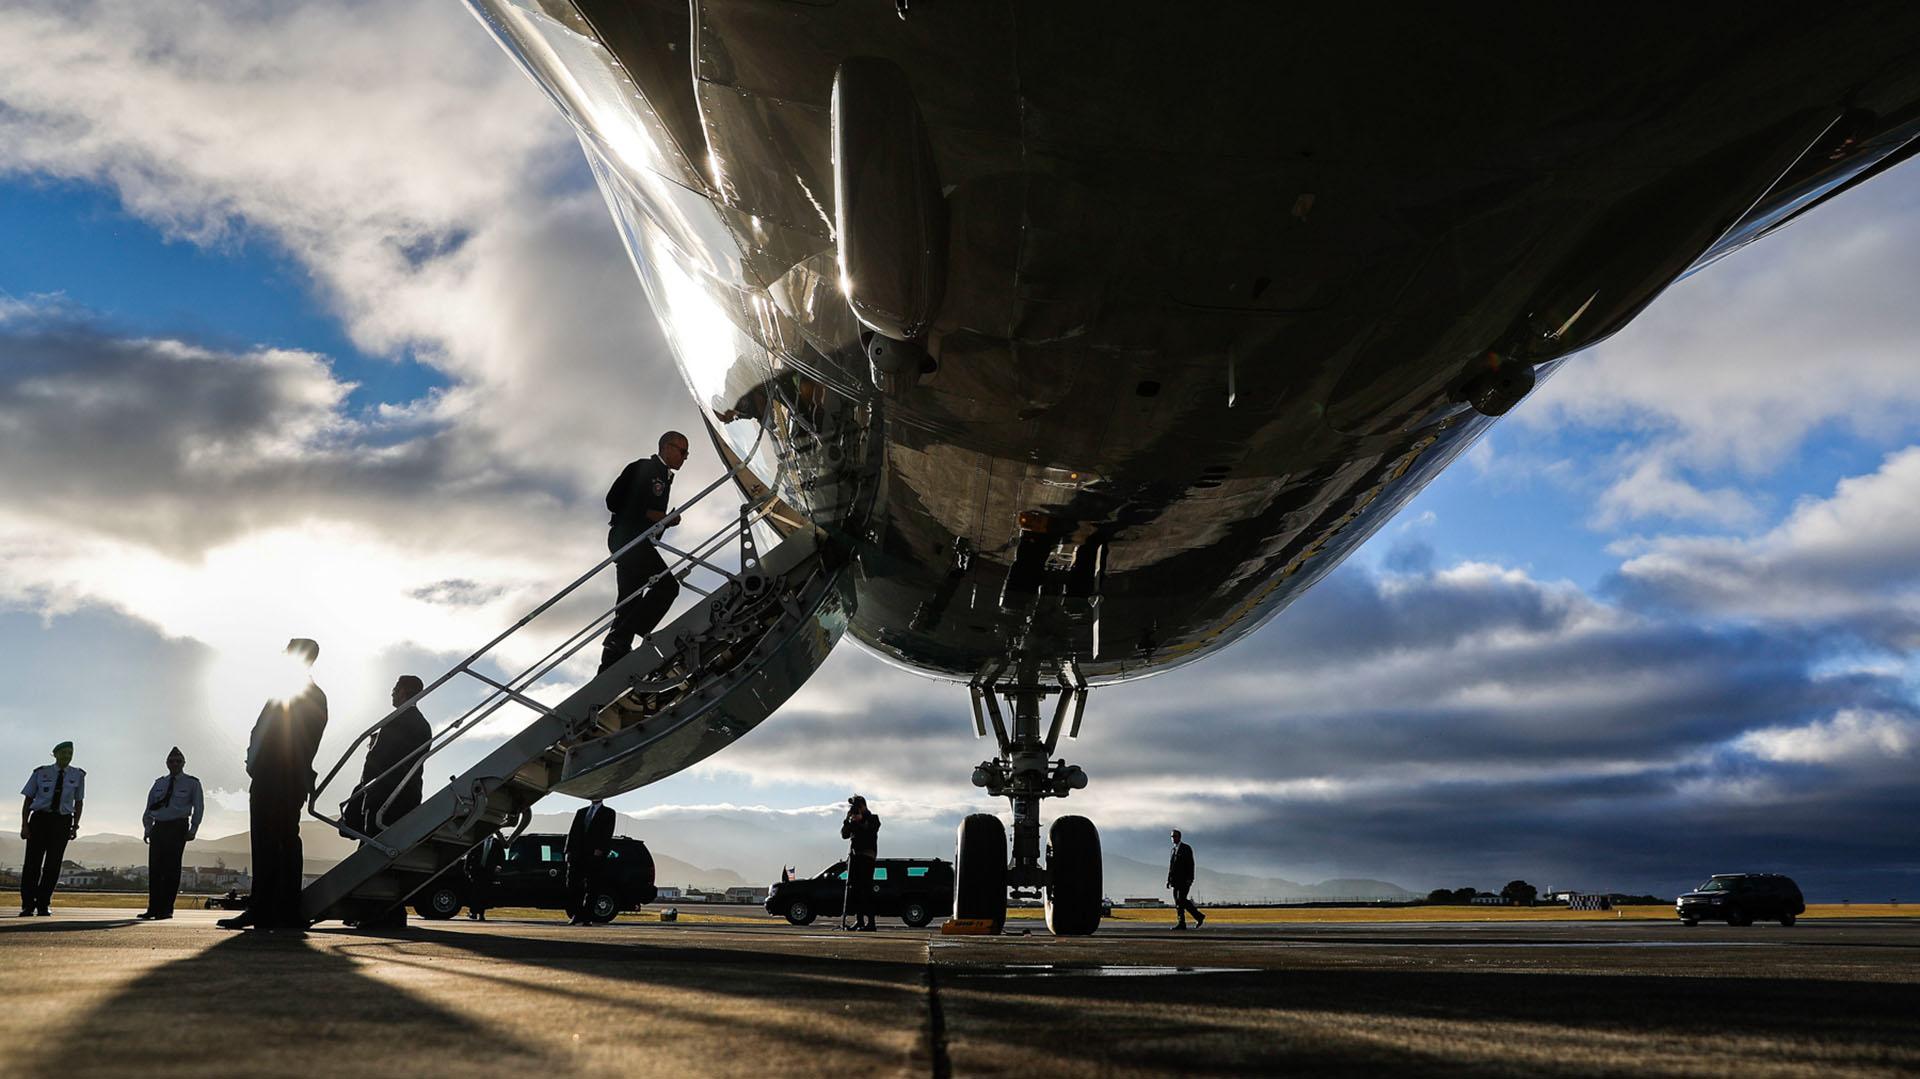 El presidente Obama aborda el avión presidencial Air Force One durante una parada para reabastecimiento de combustible en camino hacia Perú, el último viaje internacional de su presidencia